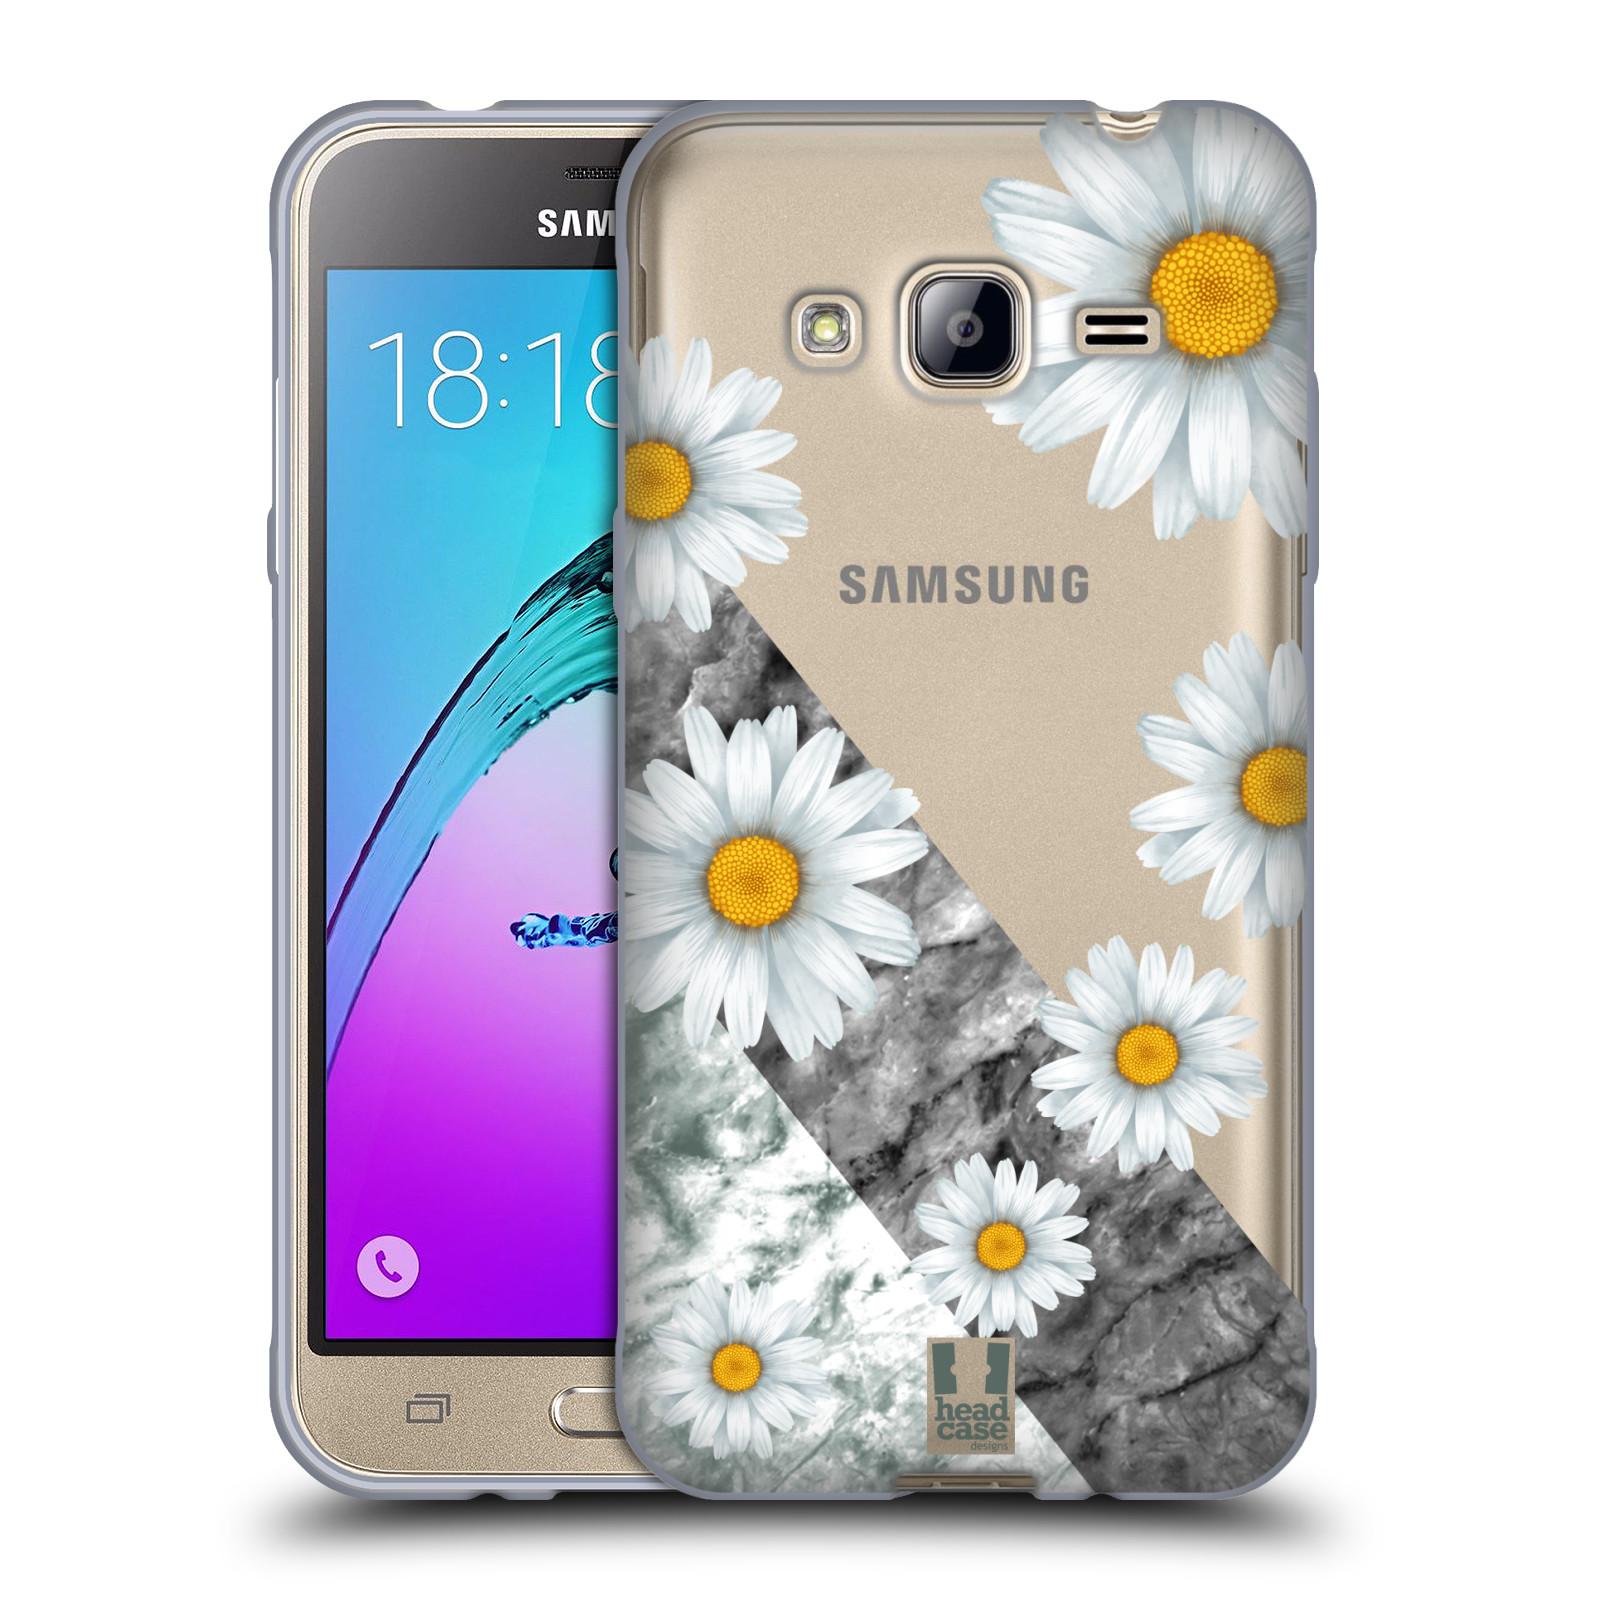 Silikonové pouzdro na mobil Samsung Galaxy J3 (2016) - Head Case - Kopretiny a mramor